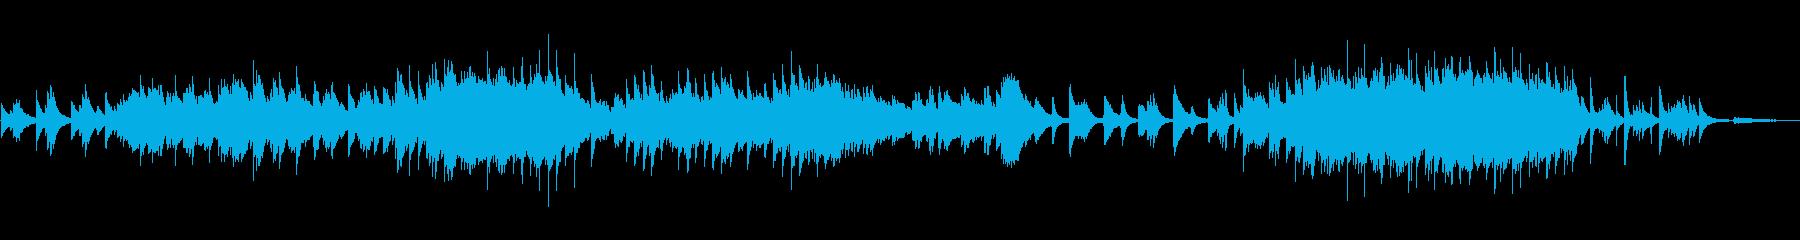 ピアノの感極まる雰囲気のバラードですの再生済みの波形